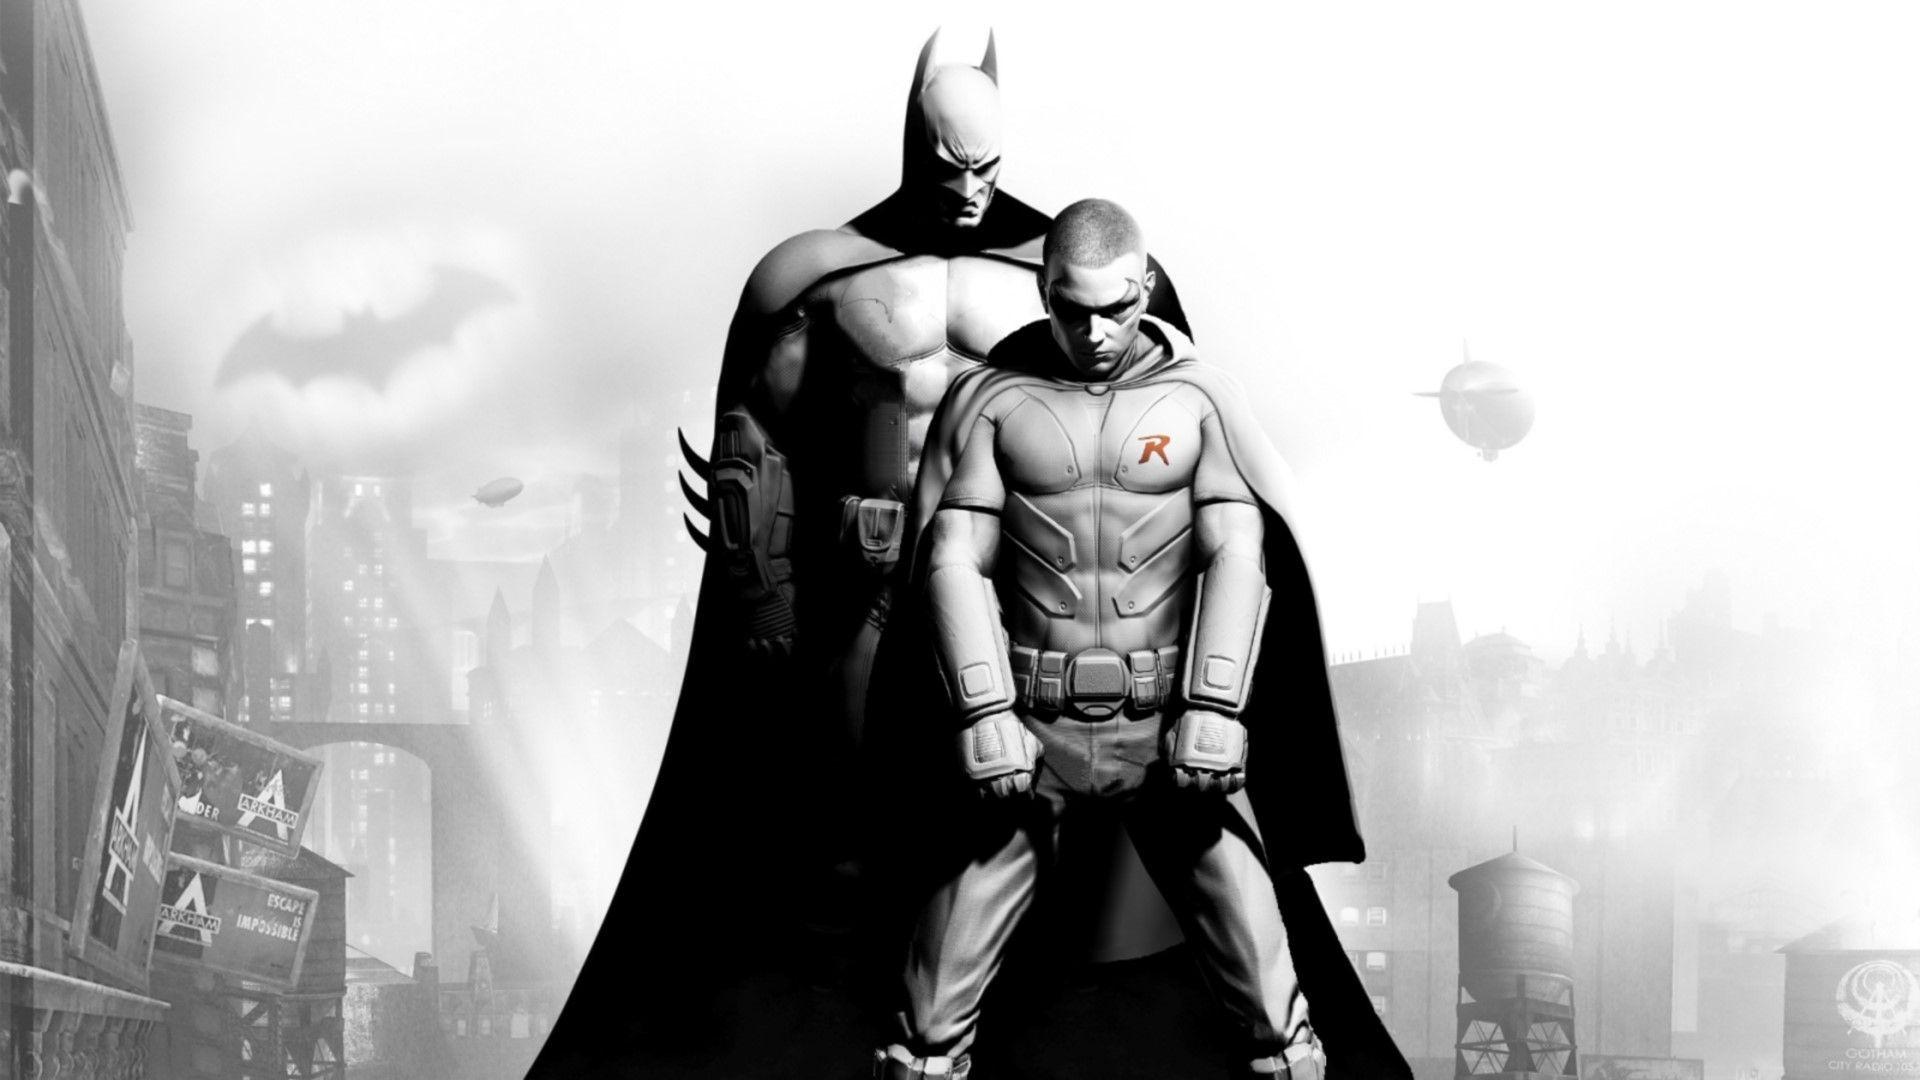 ¿Qué Robin es el que ayuda a Batman en la saga?